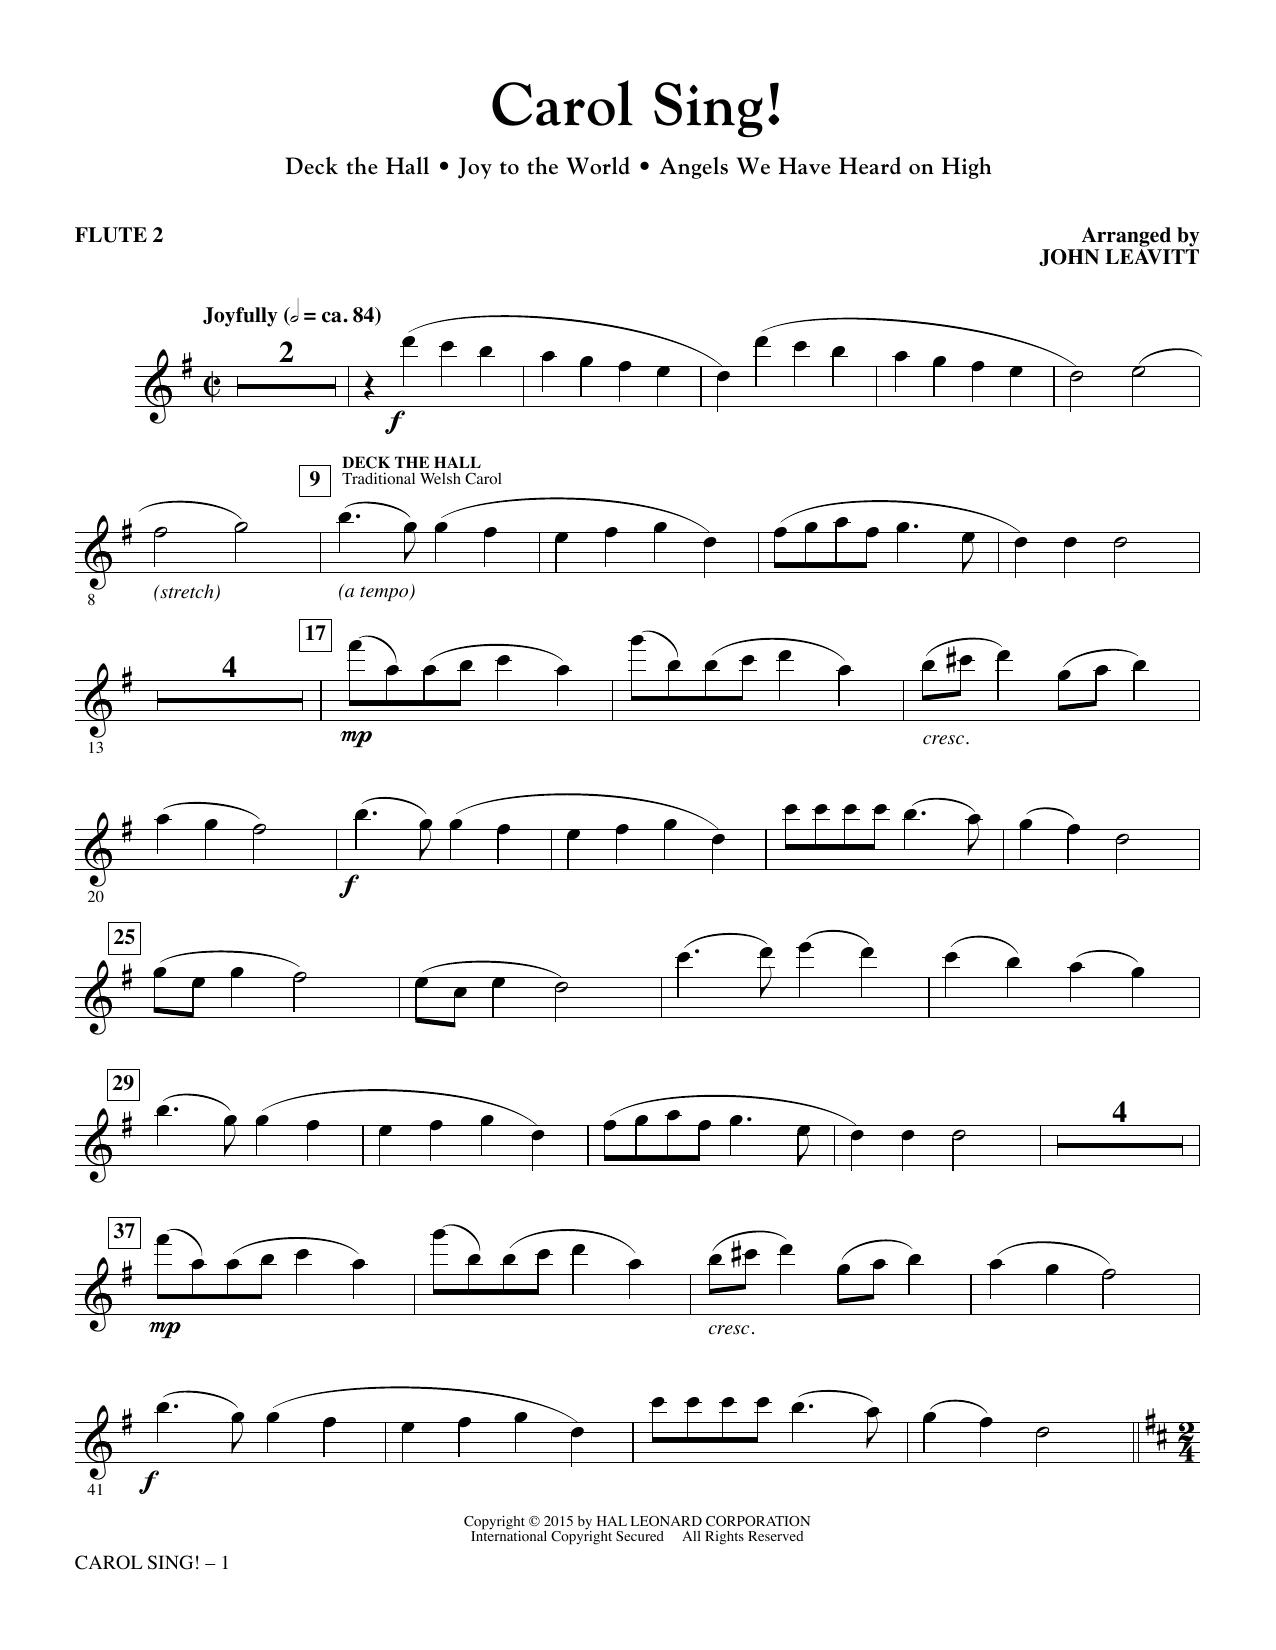 Carol Sing! - Flute 2 sheet music